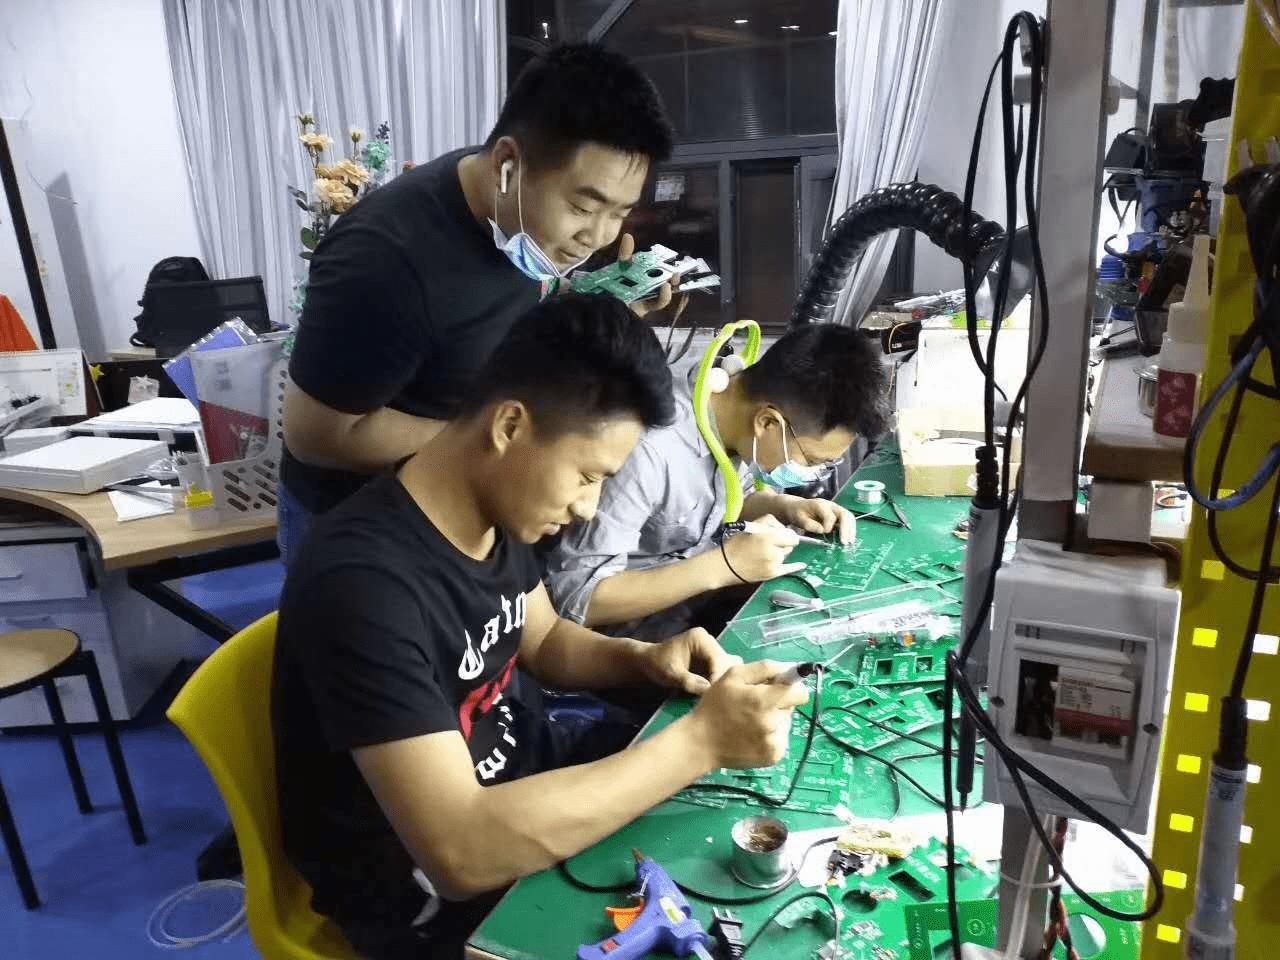 机器人教育老师研究设备